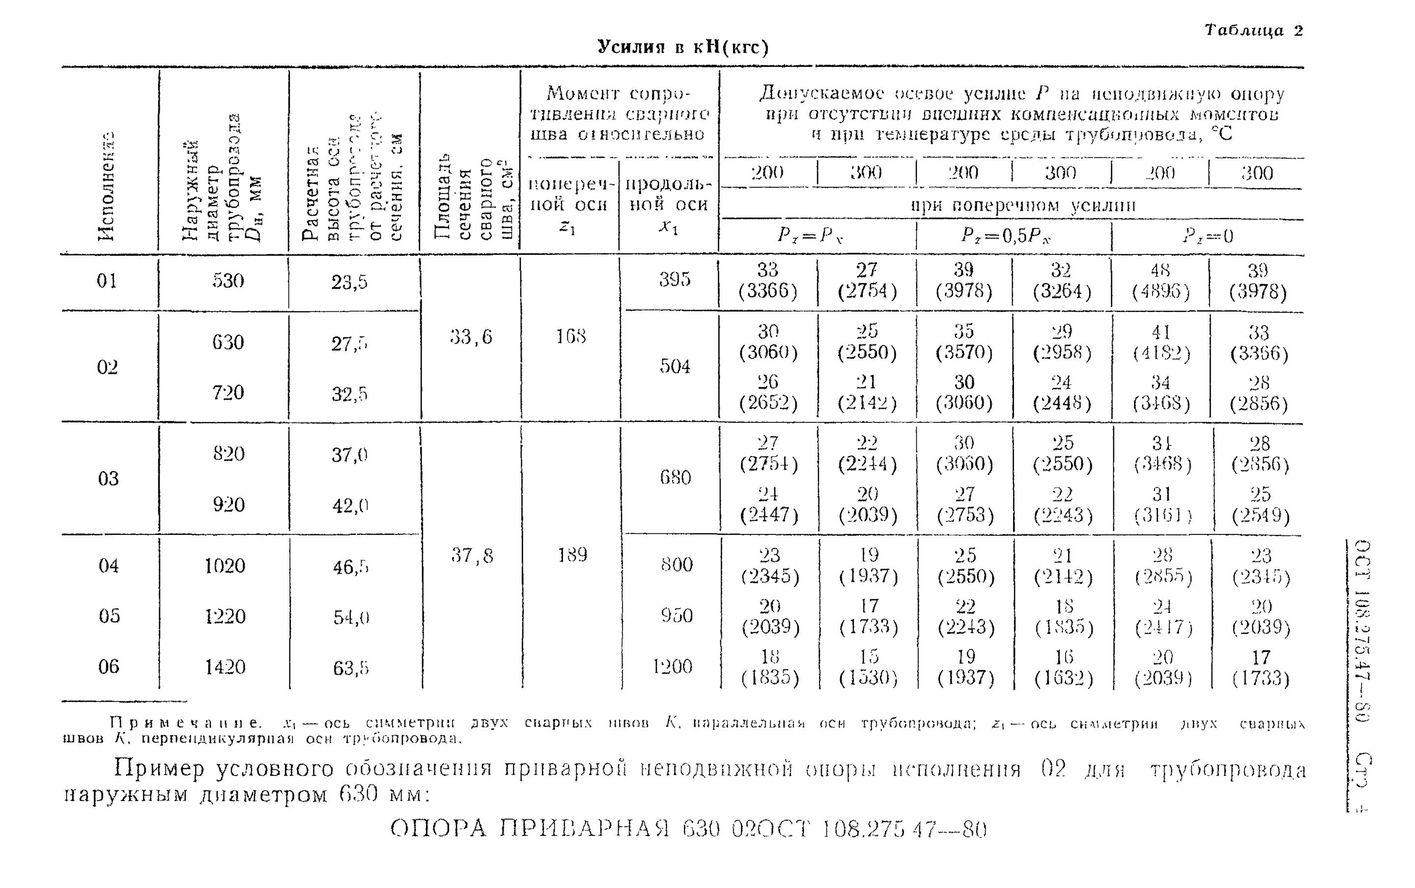 Опоры приварные ОСТ 108.275.47-80 стр.4